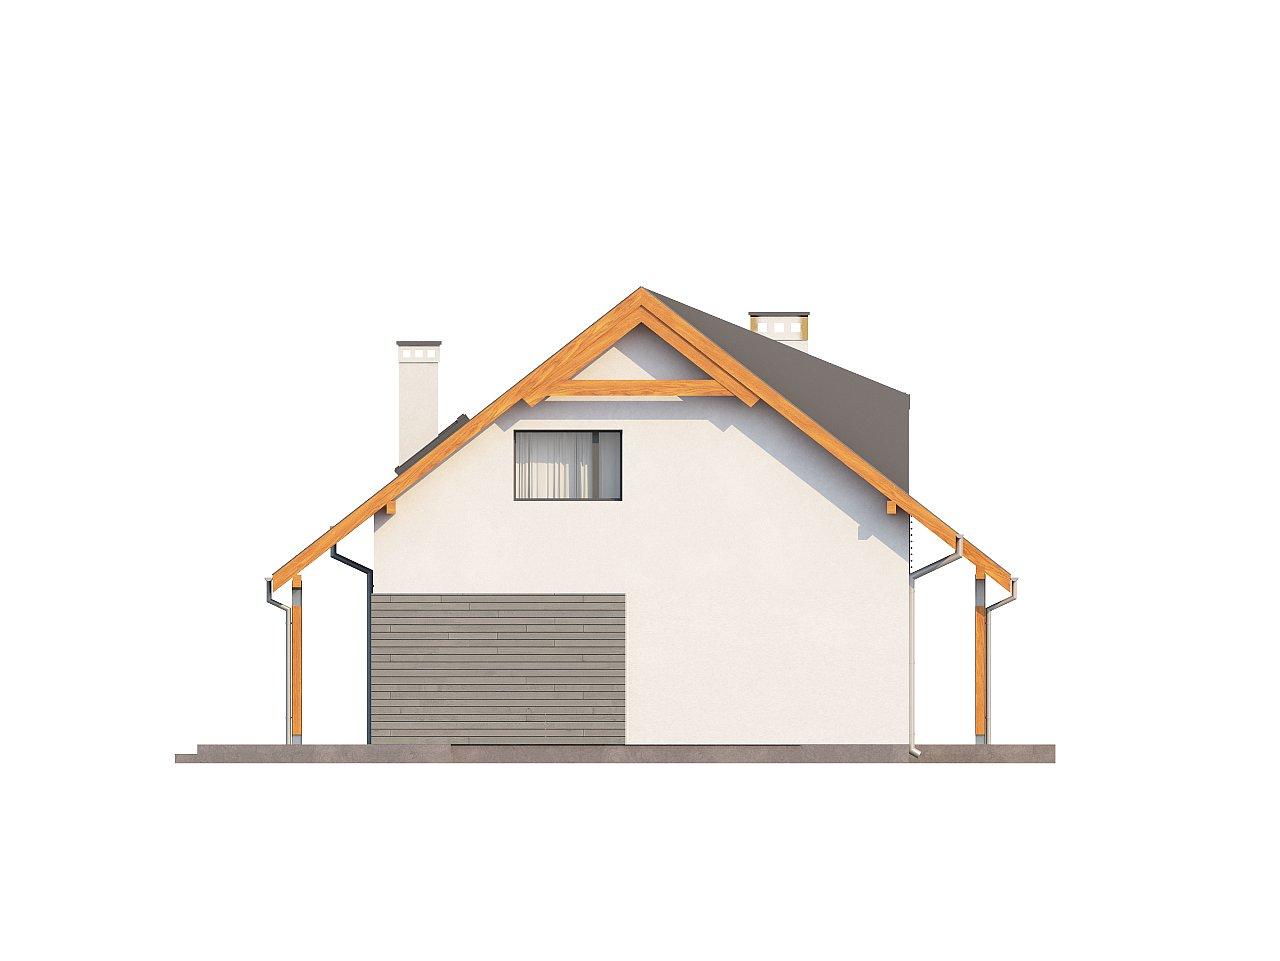 Проект небольшого практичного дома, выгодного в строительстве и эксплуатации. - фото 5